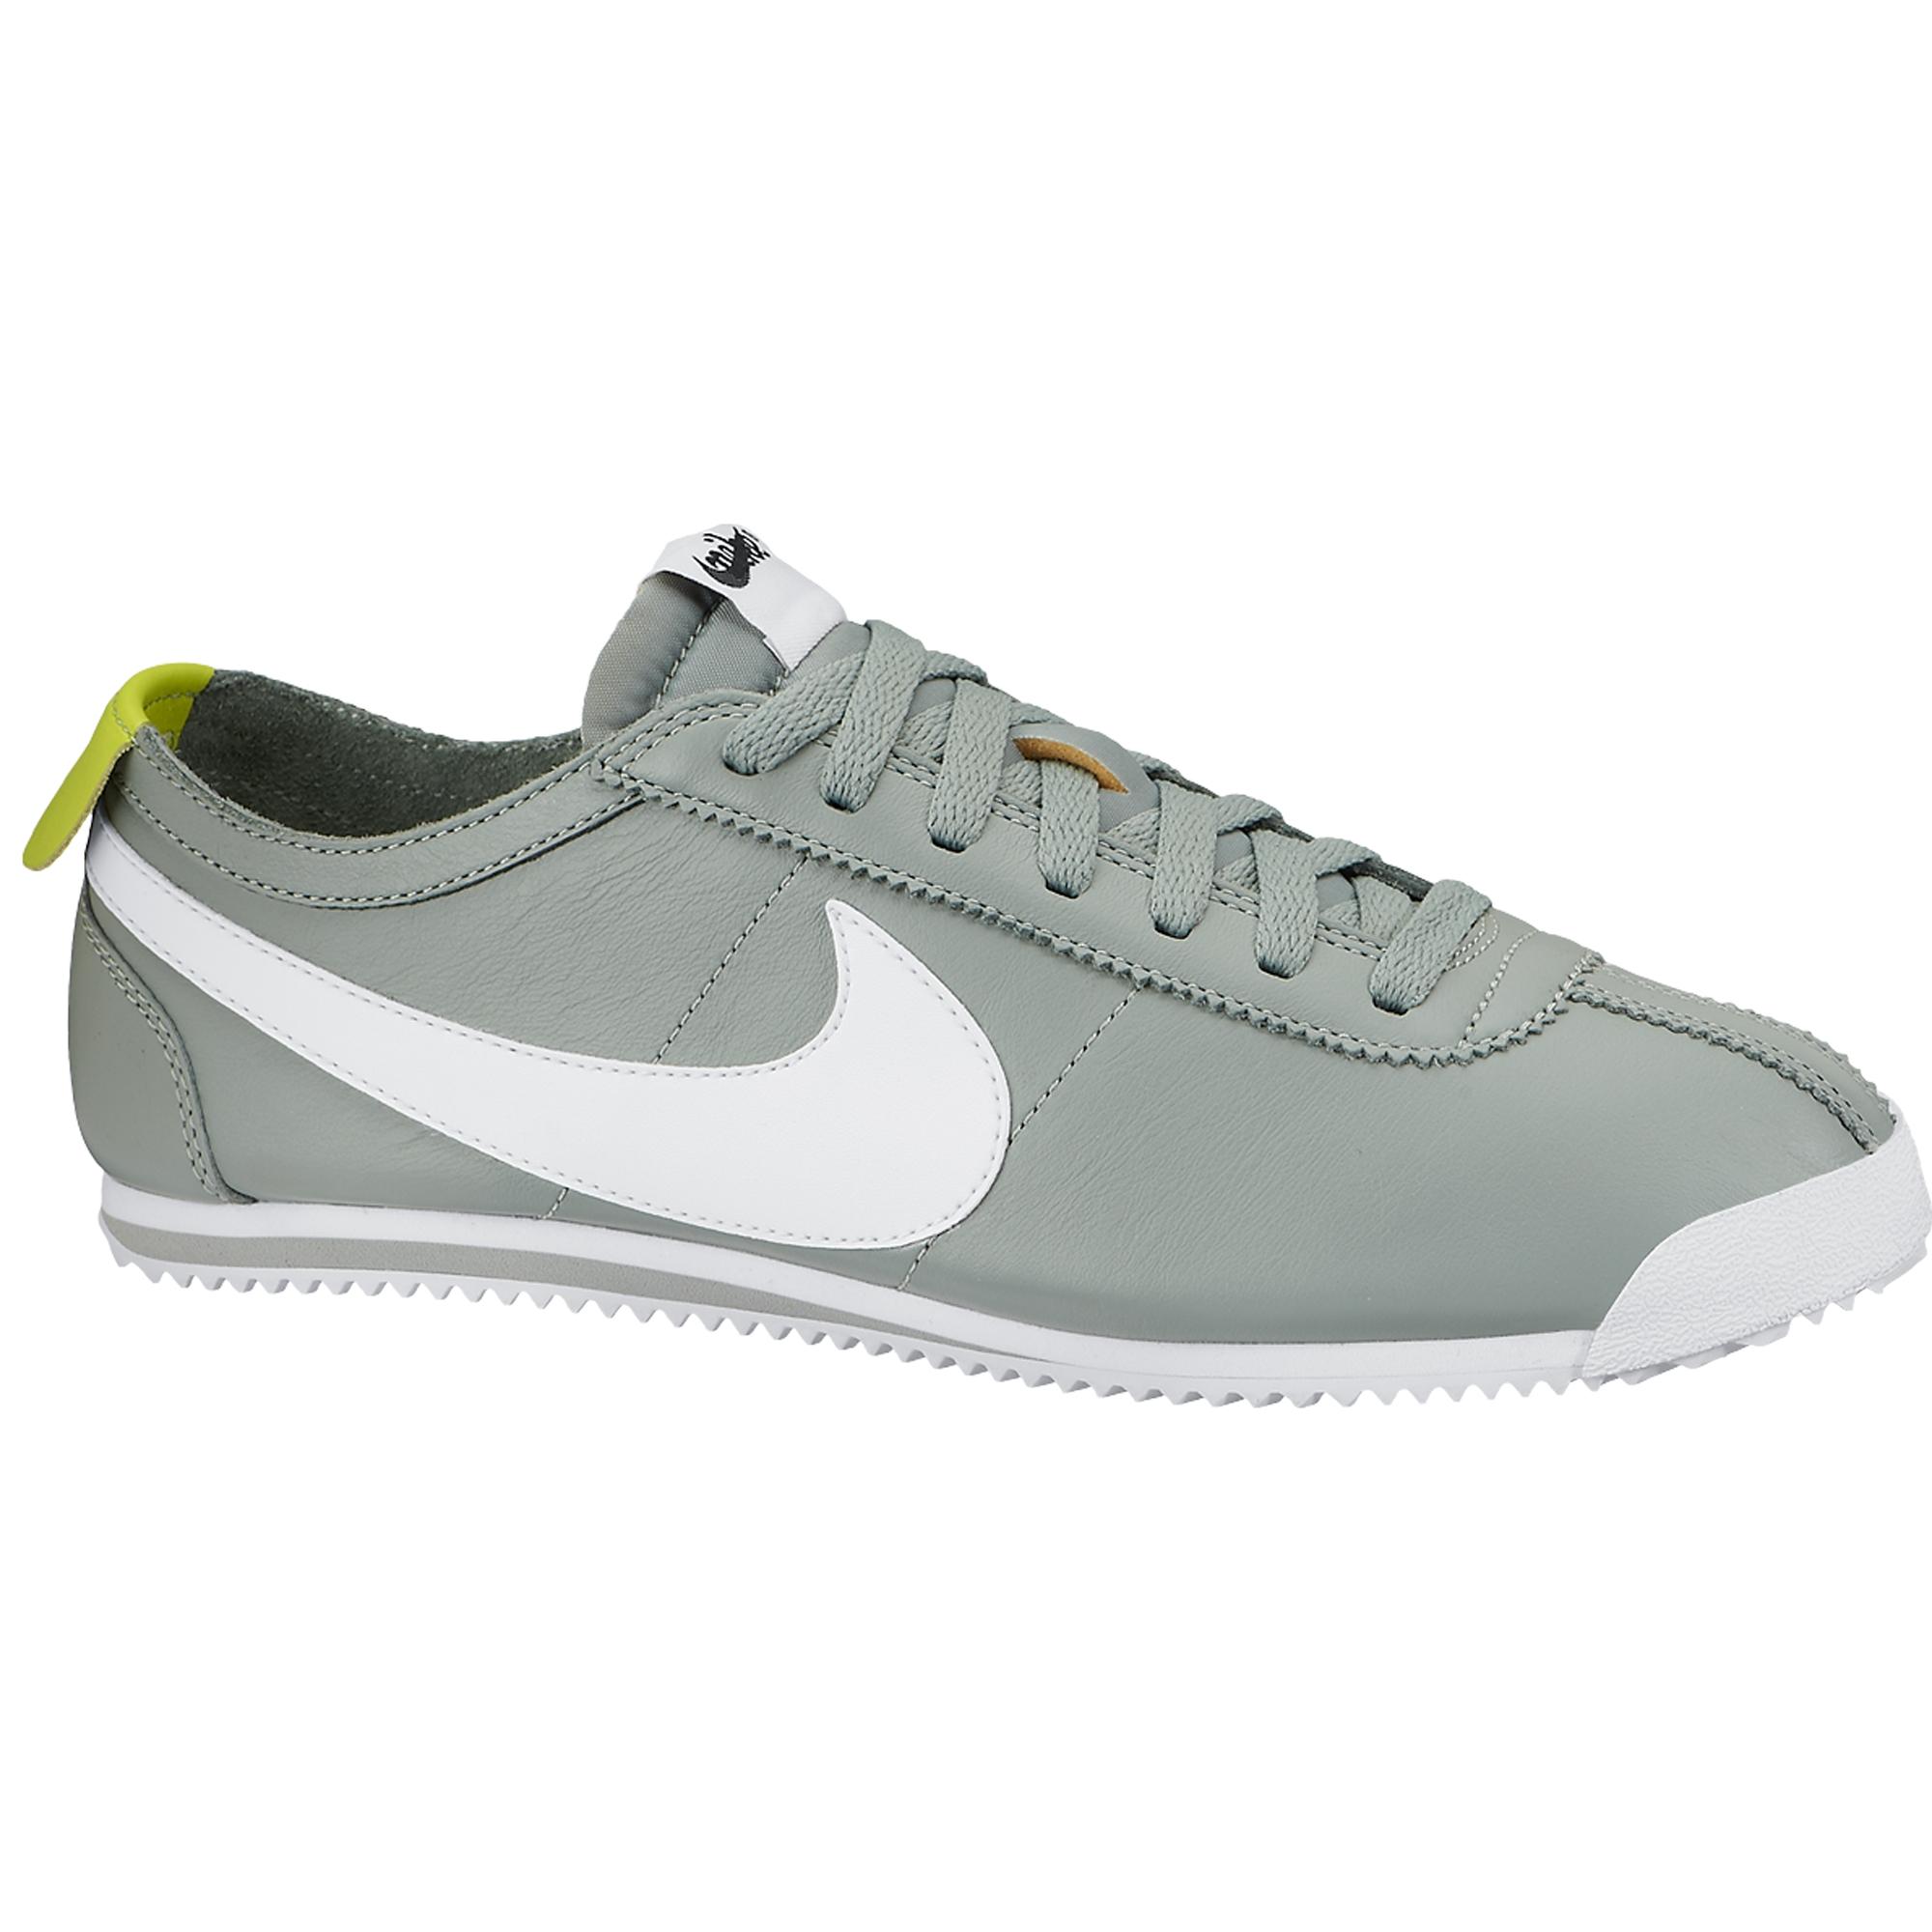 Nike Cortez Classic Og Leather Erkek Spor Ayakkabi 487777